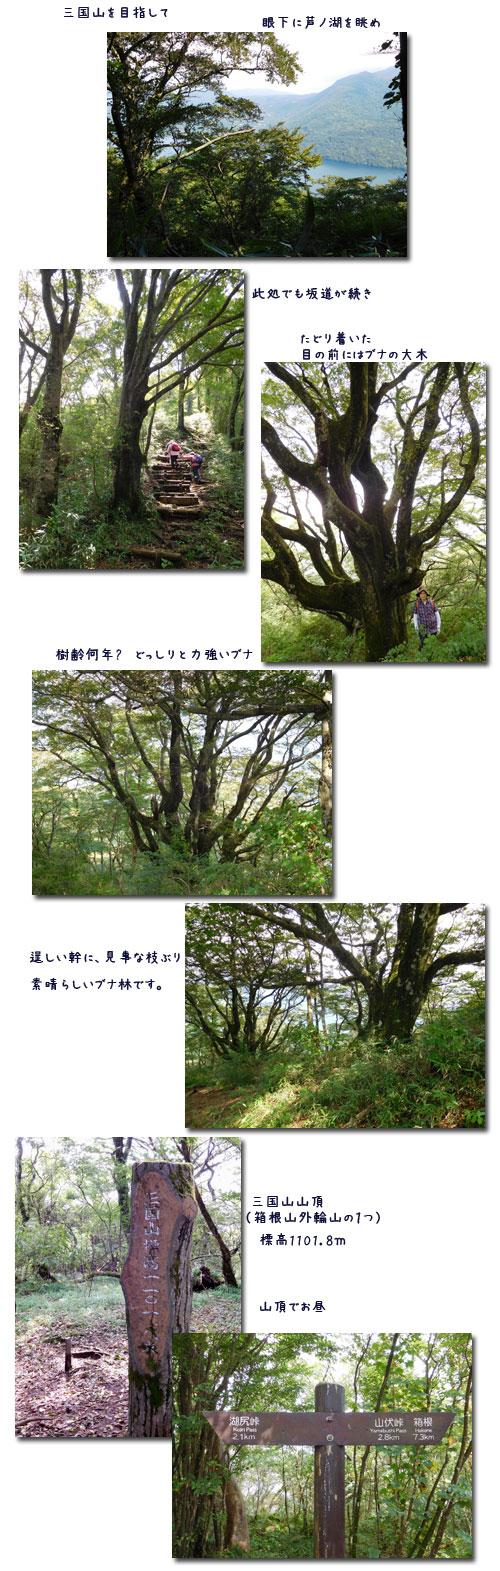 箱根三国山へ_c0051105_210656.jpg